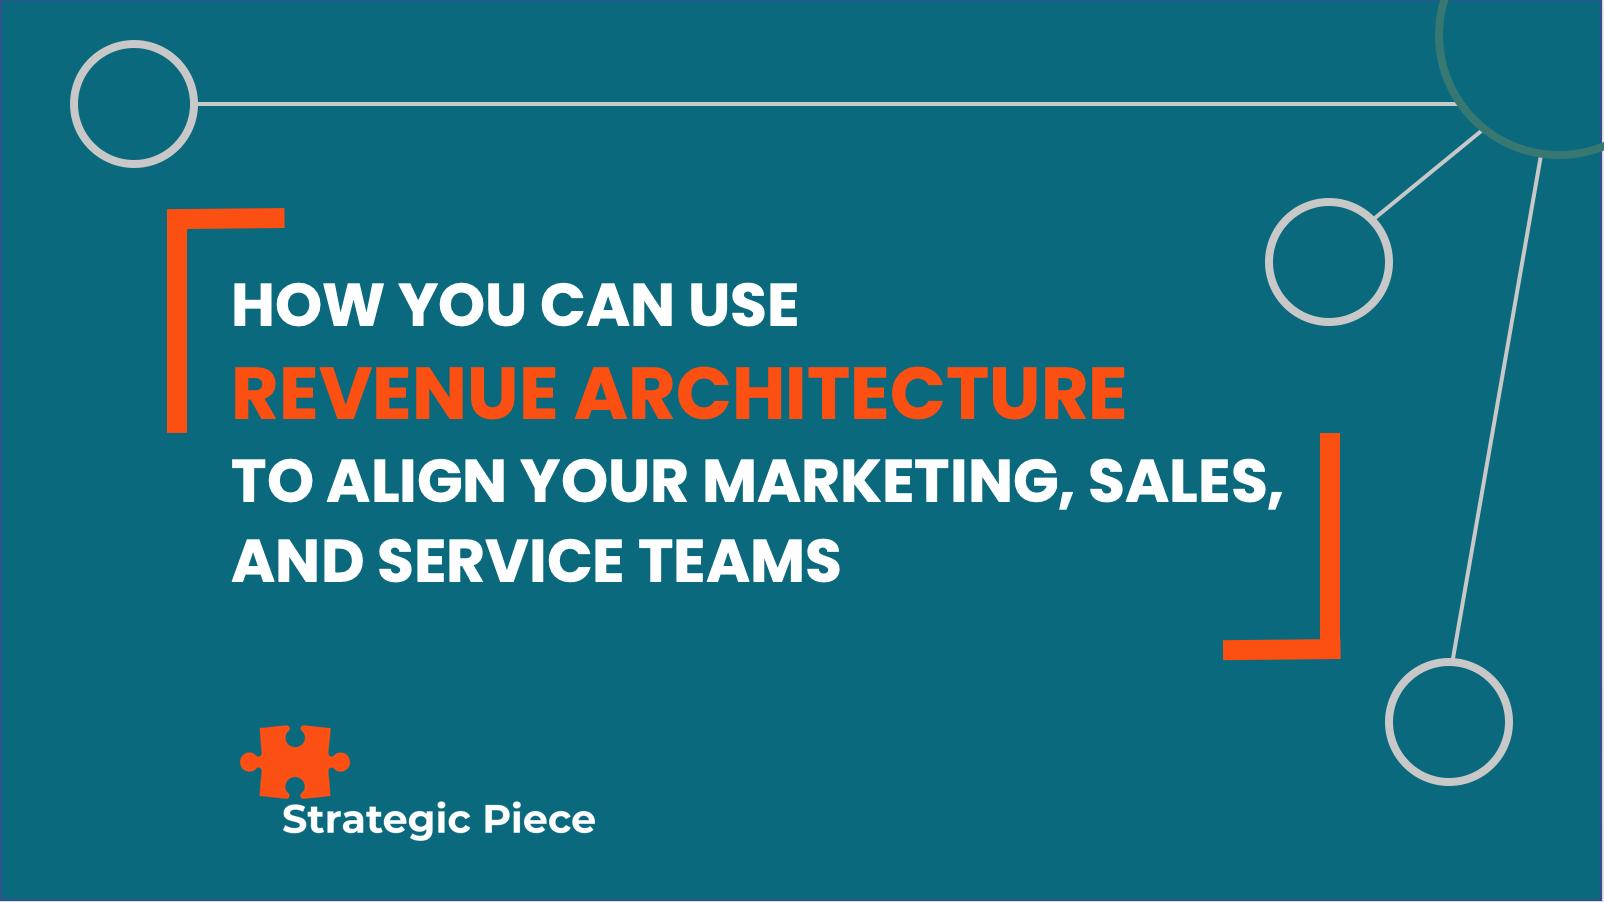 Revenue Architecture to Align Marketing, Sales, & Service